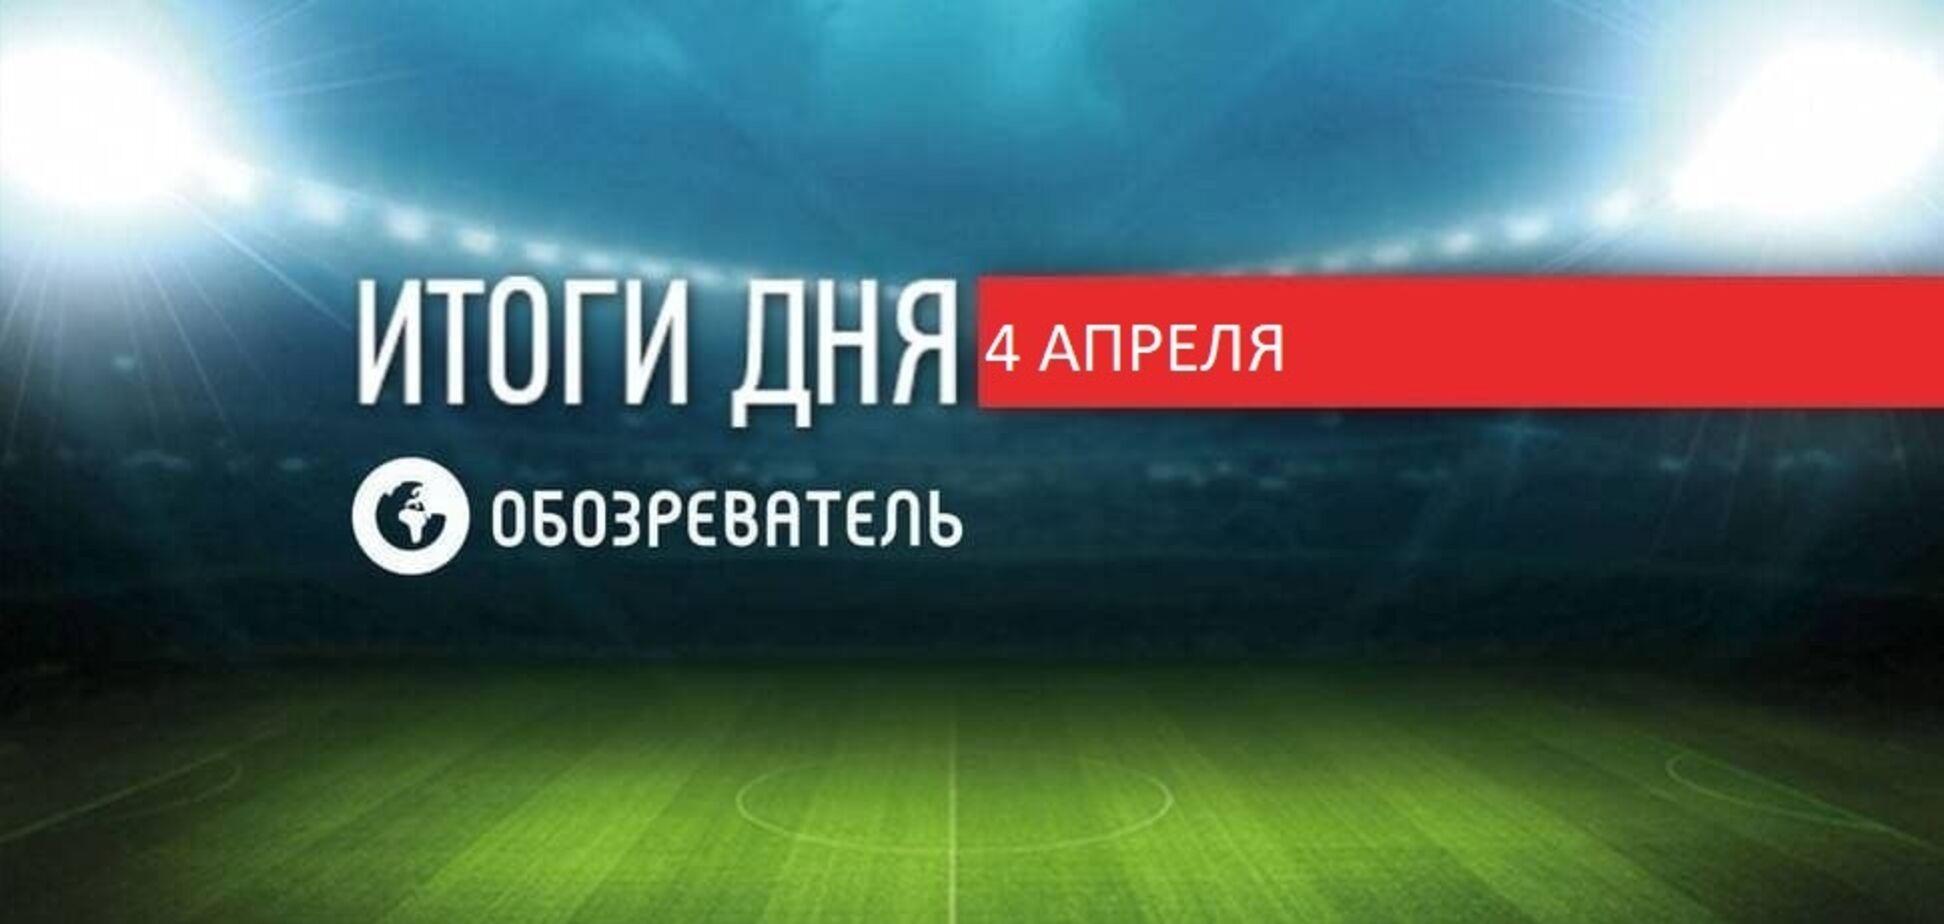 Новини спорту 4 квітня: українську шахістку позбавили перемоги через шахрайство